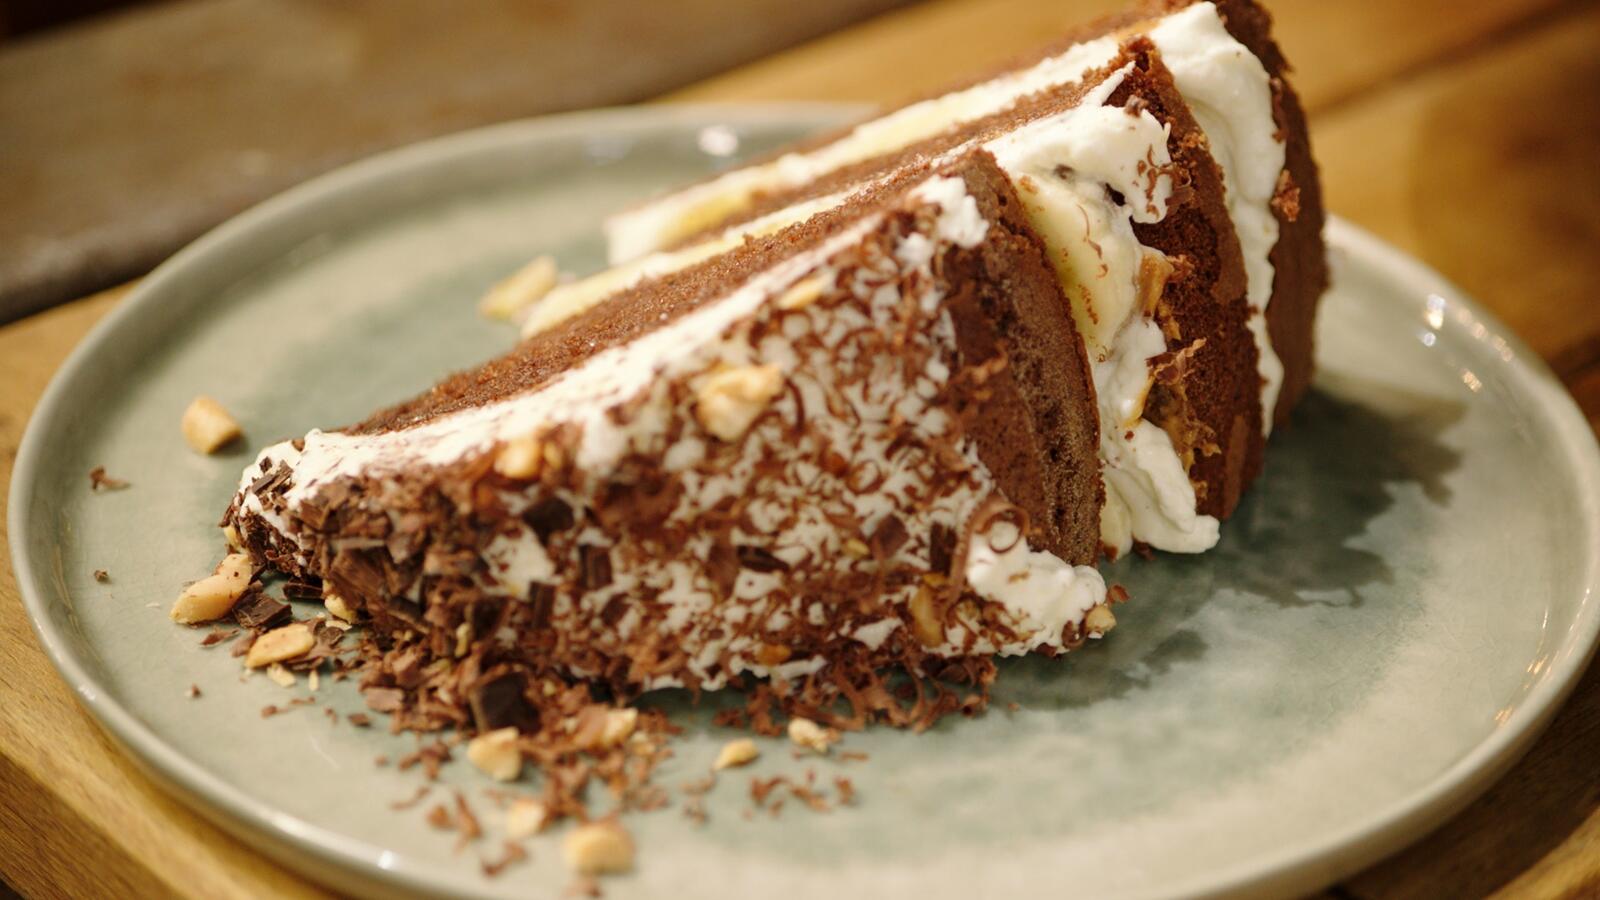 Chocoladebiscuit met pindakaas, banaan en slagroom